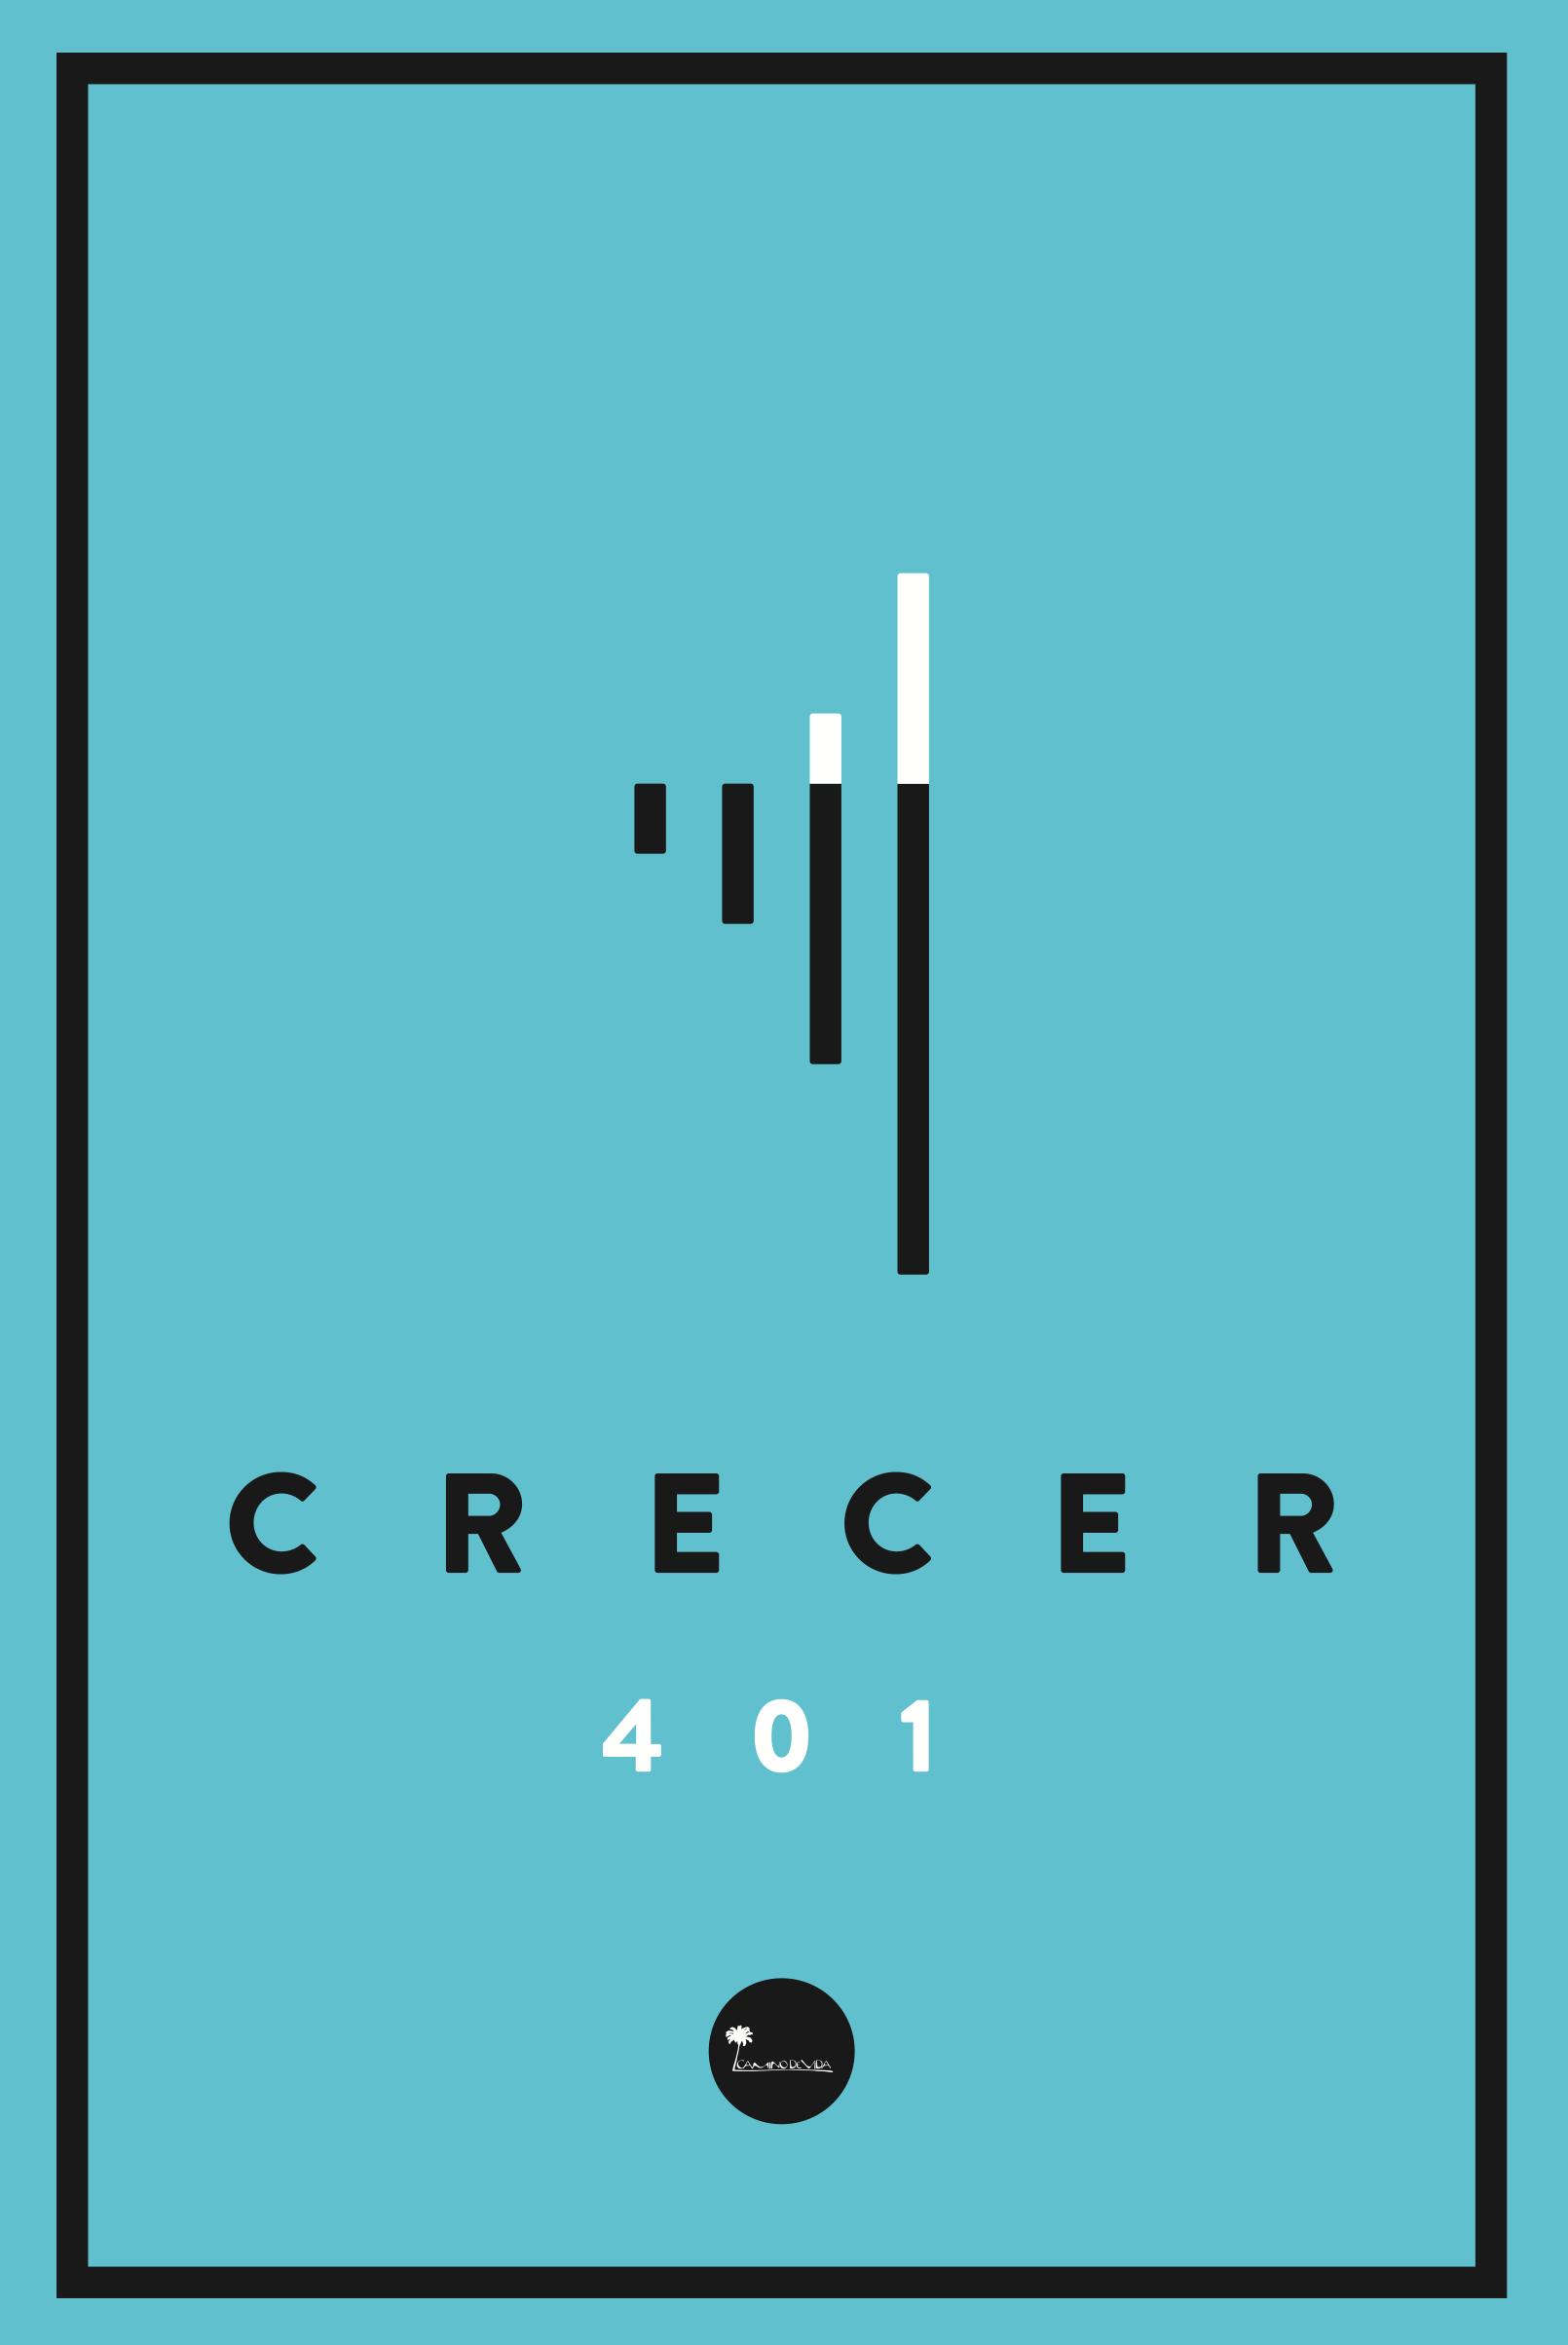 Crecer 401 (INDD)